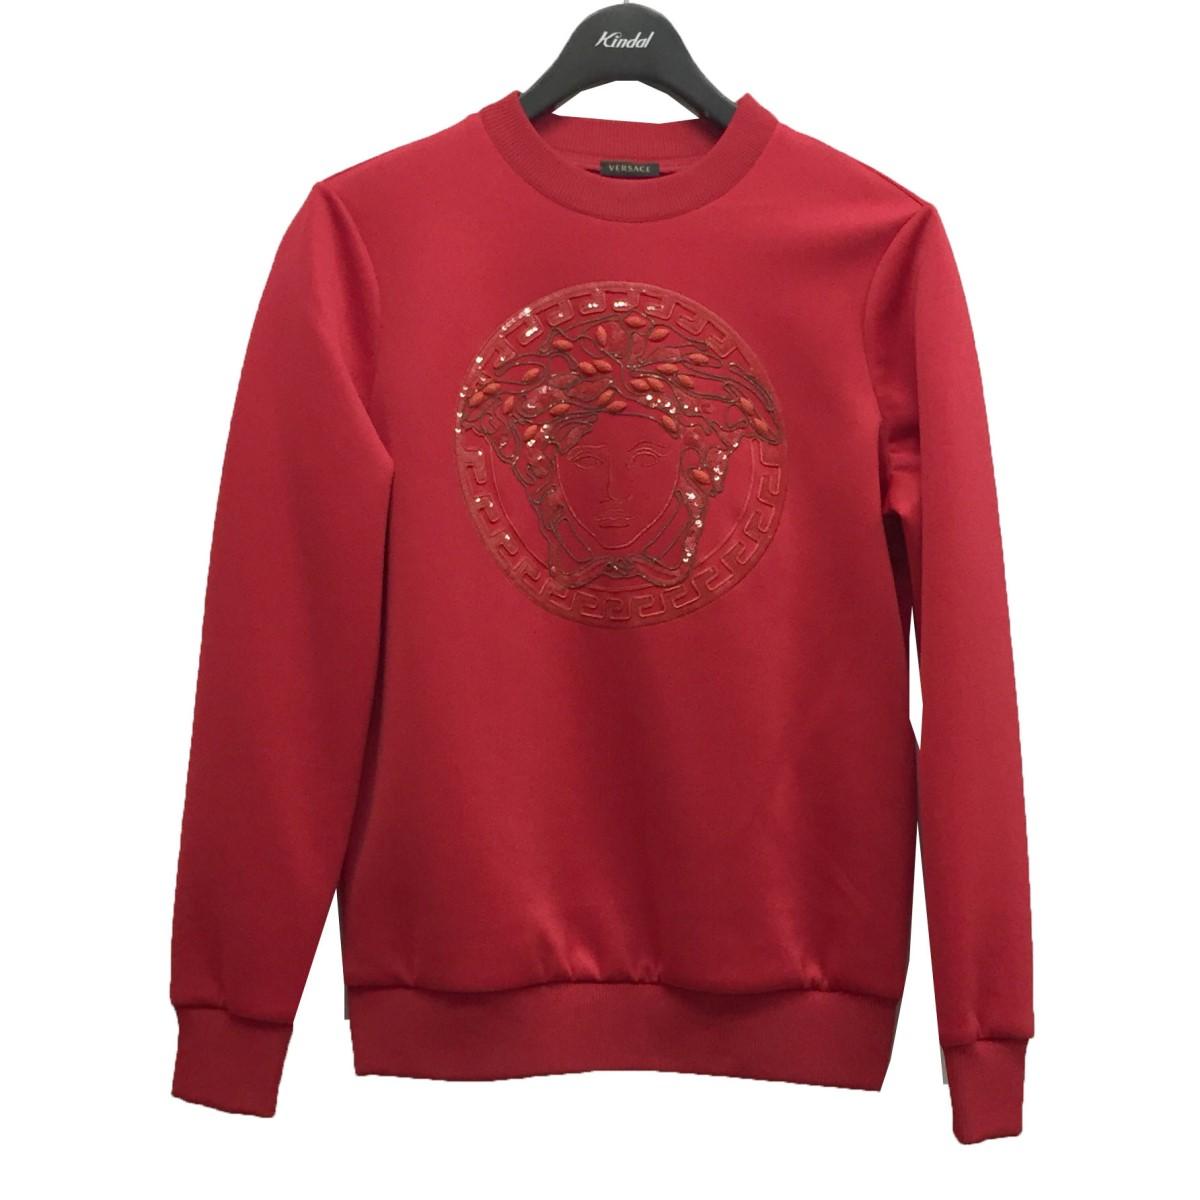 ヴェルサーチ セール商品 中古 ご注文で当日配送 VERSACE メデューサ刺繍トップス サイズ:38 300121 レッド